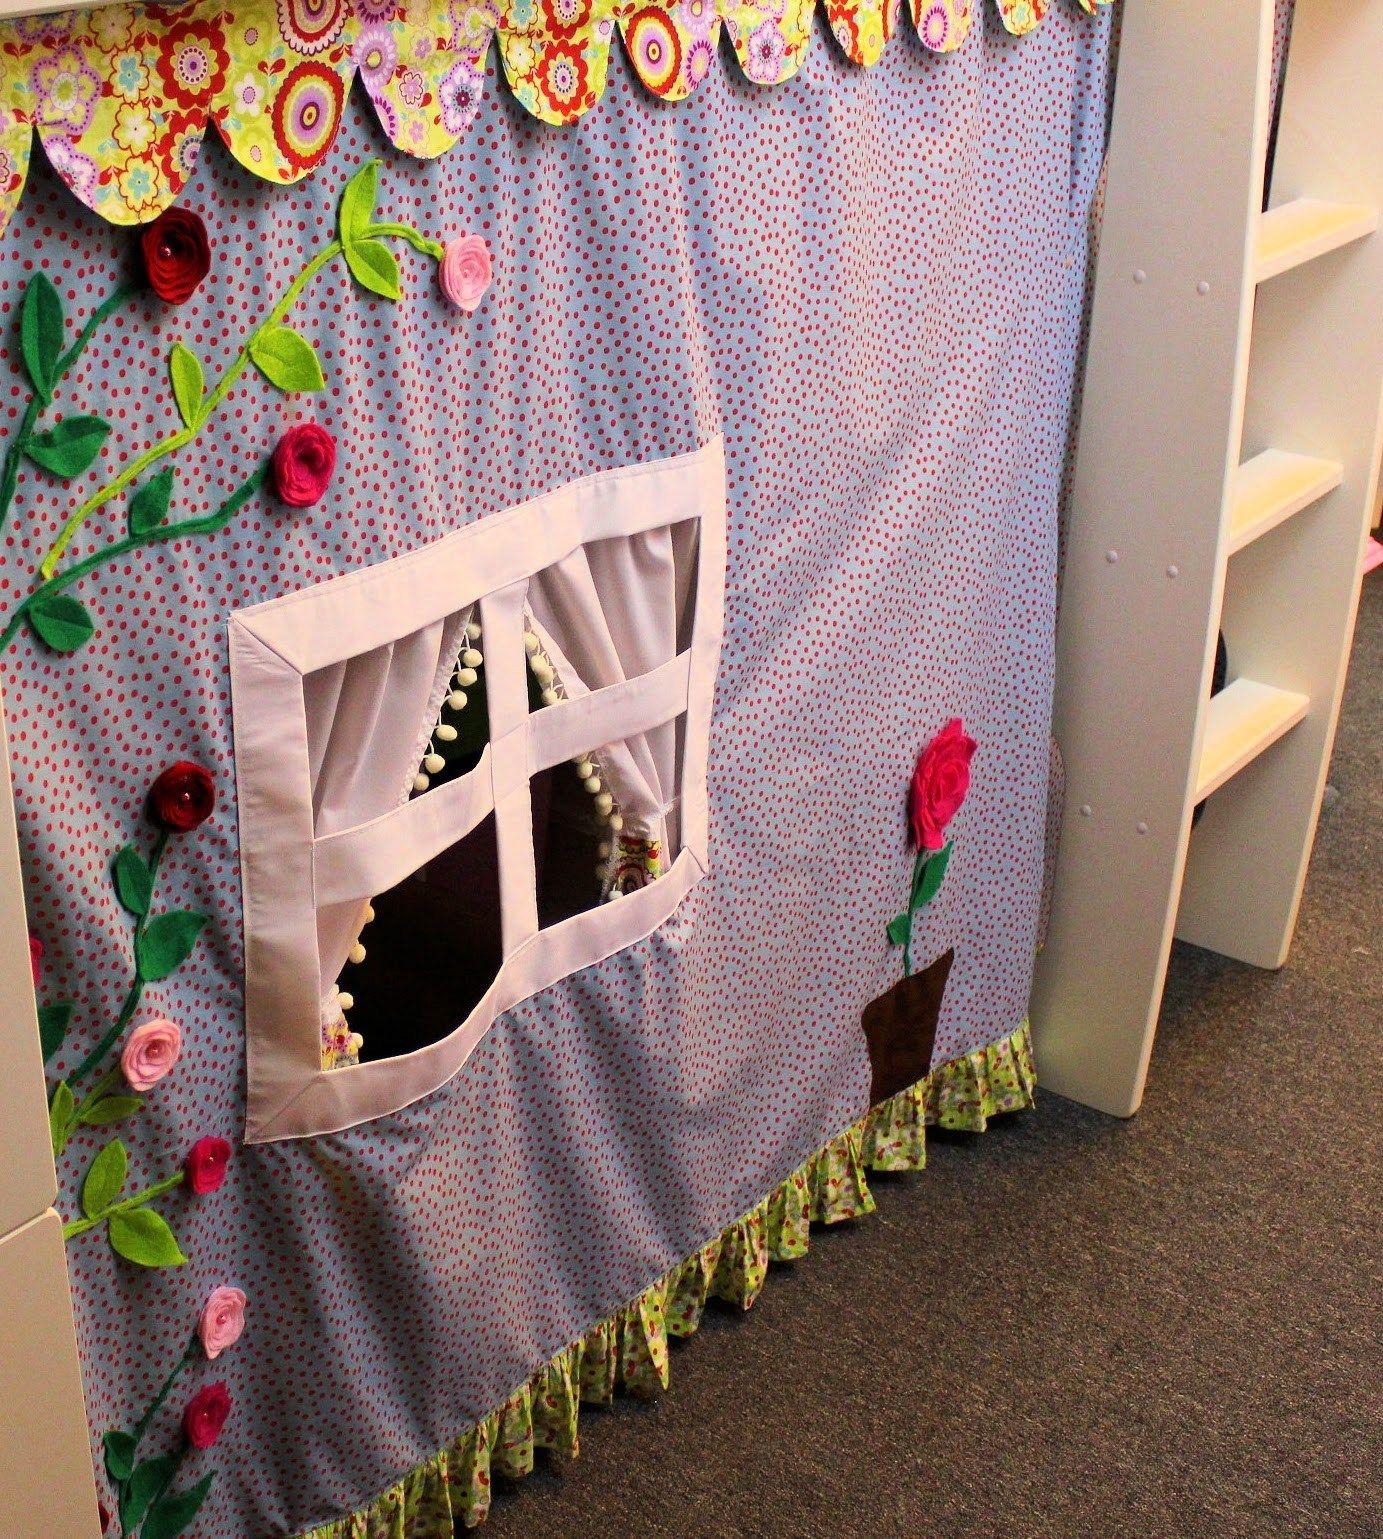 verkleidung aus stoff f rs hochbett pinterest h hle hochbetten und selber n hen. Black Bedroom Furniture Sets. Home Design Ideas